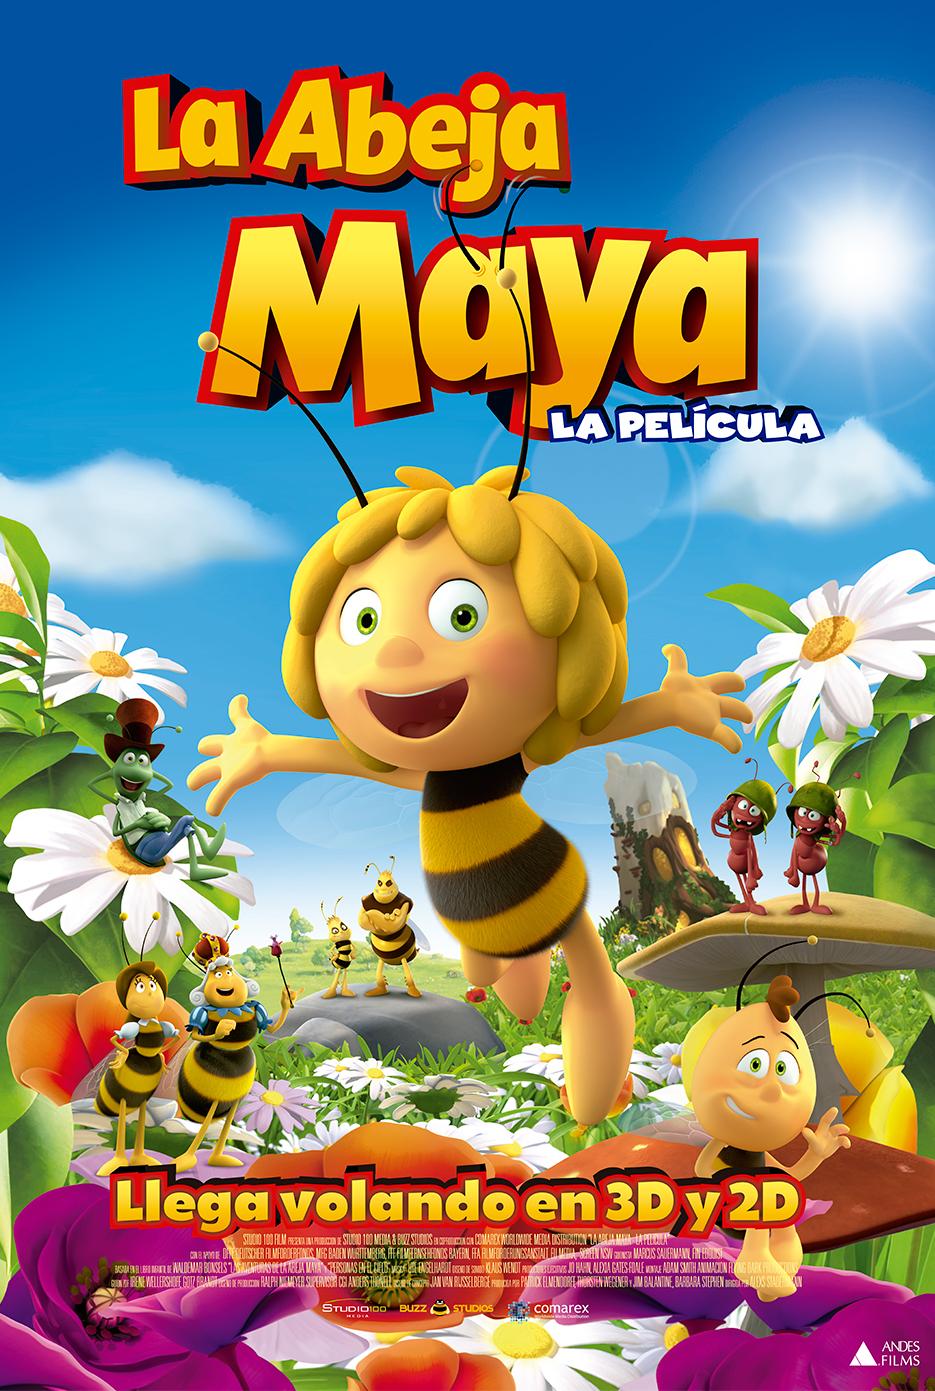 http://www.andesfilms.com.pe/la-abeja-maya/